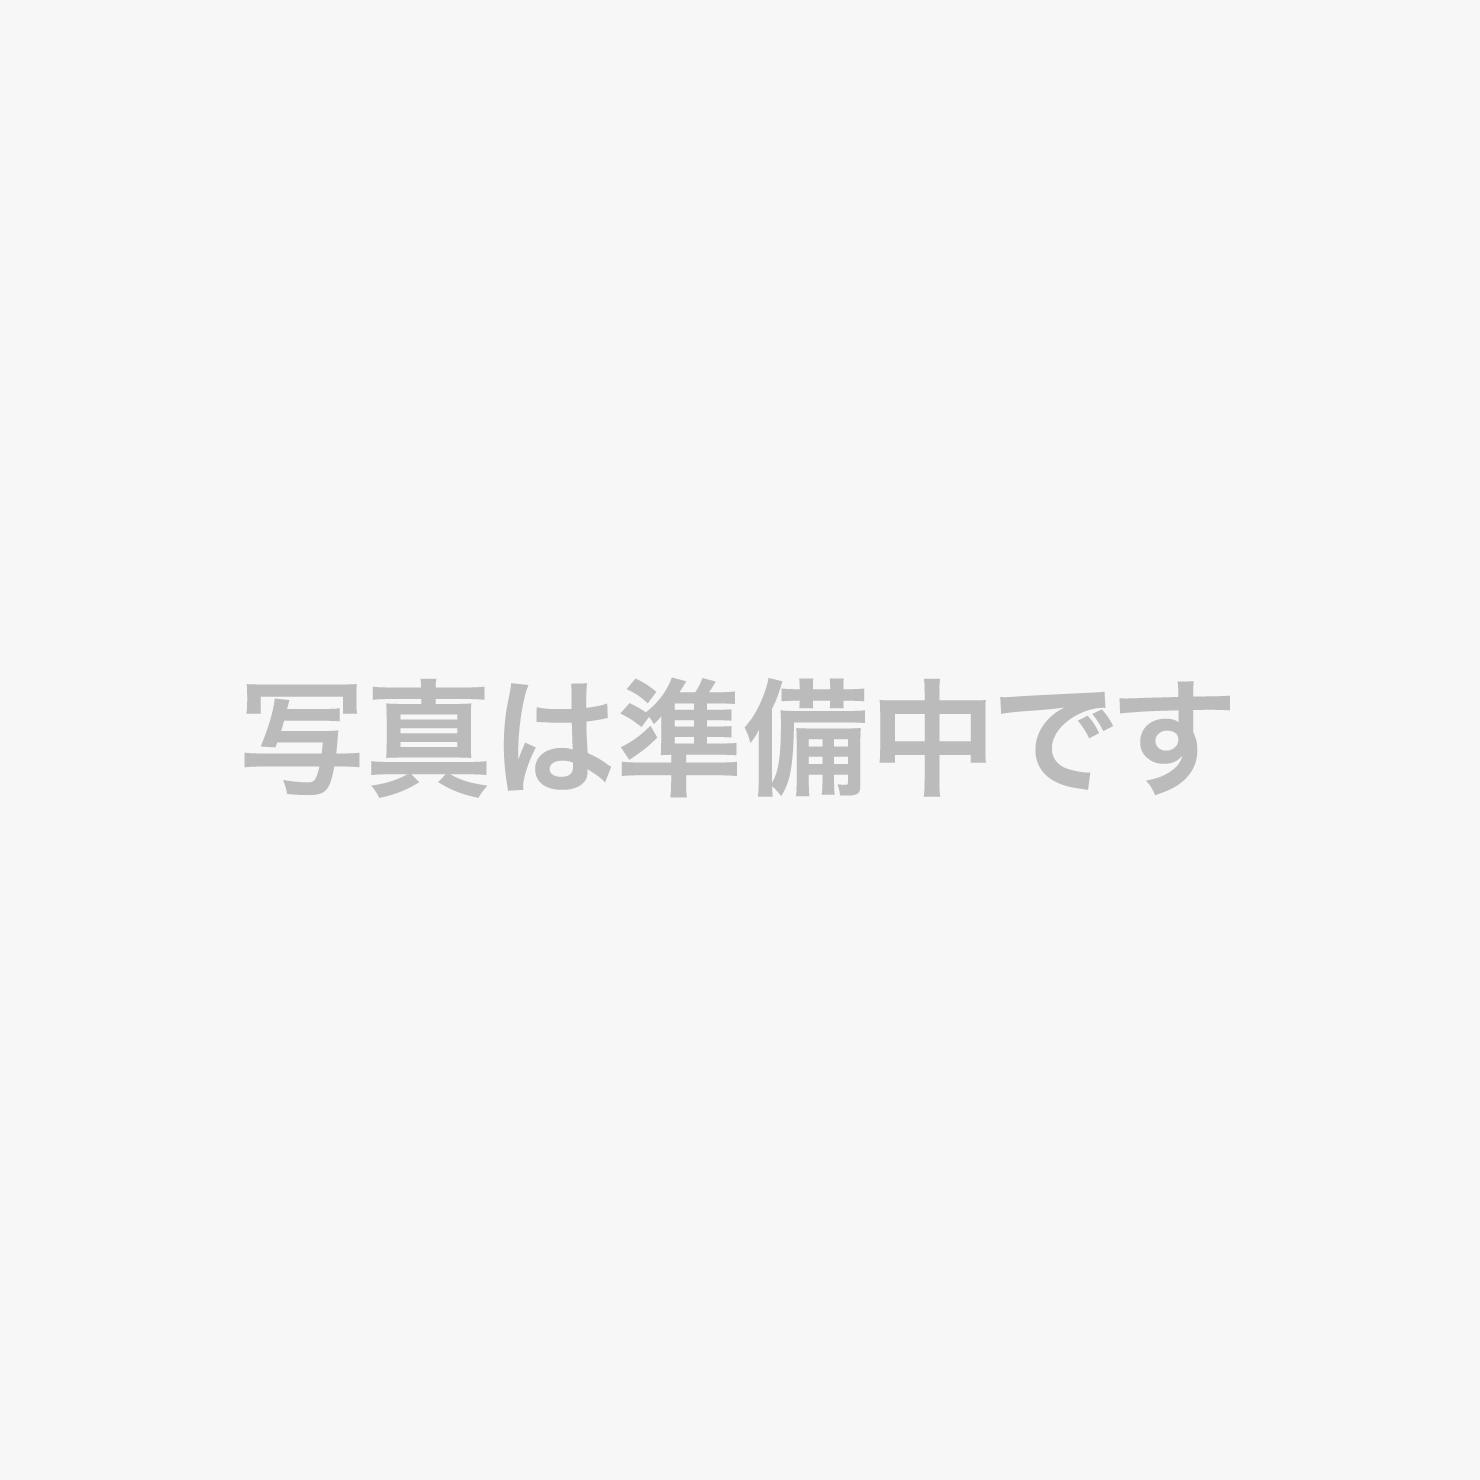 【四川】冬海の贅 海の幸ディナーコース